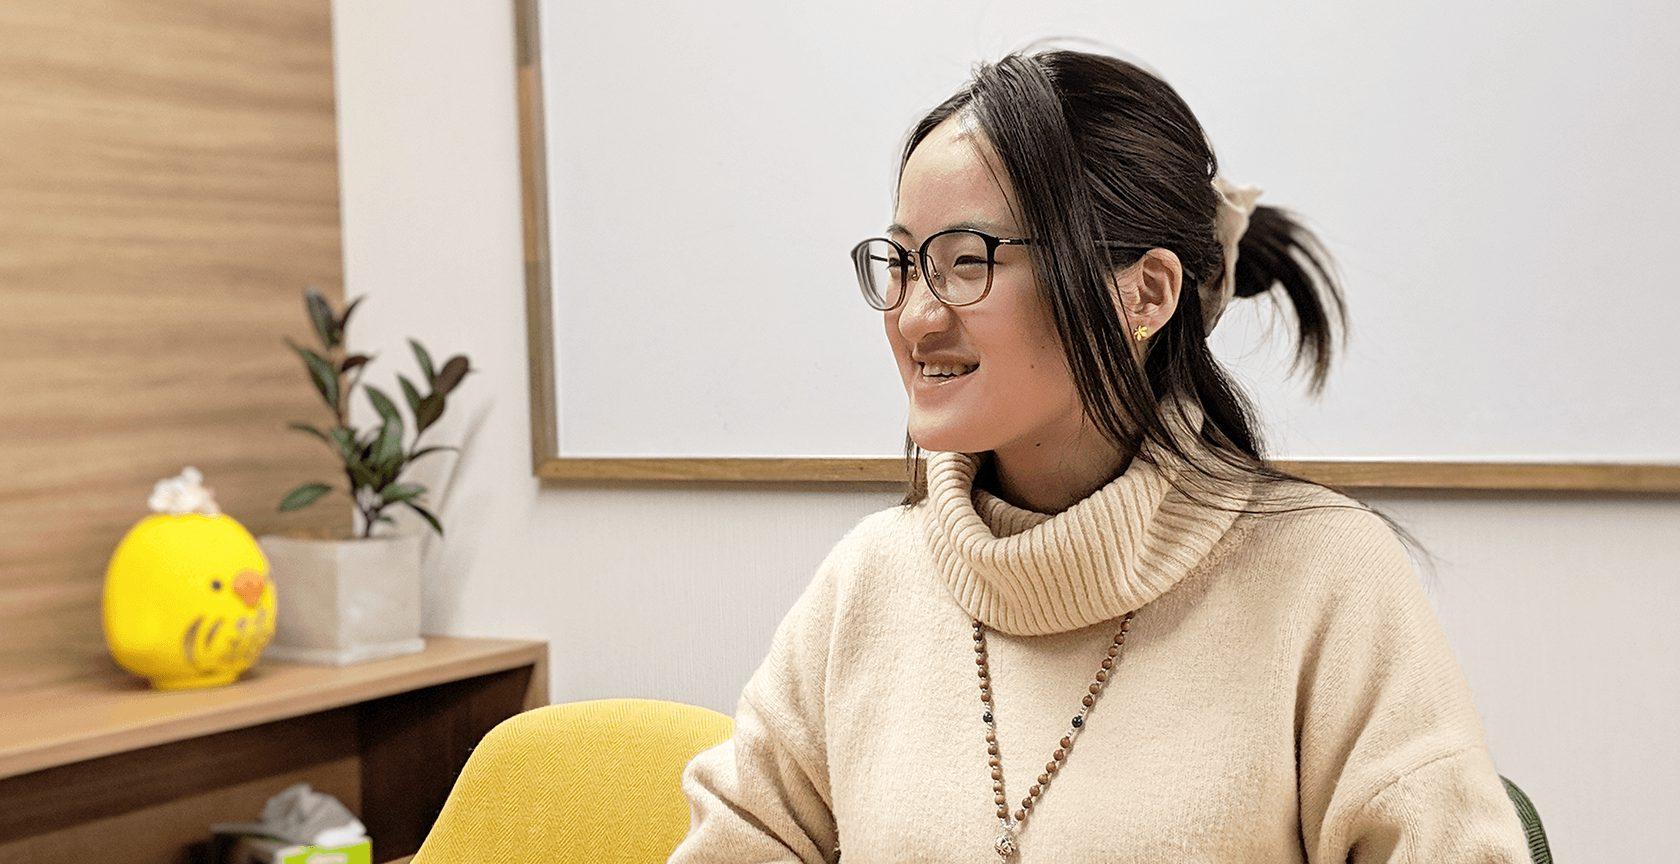 【社員インタビュー】企画職インターン 金陽さん